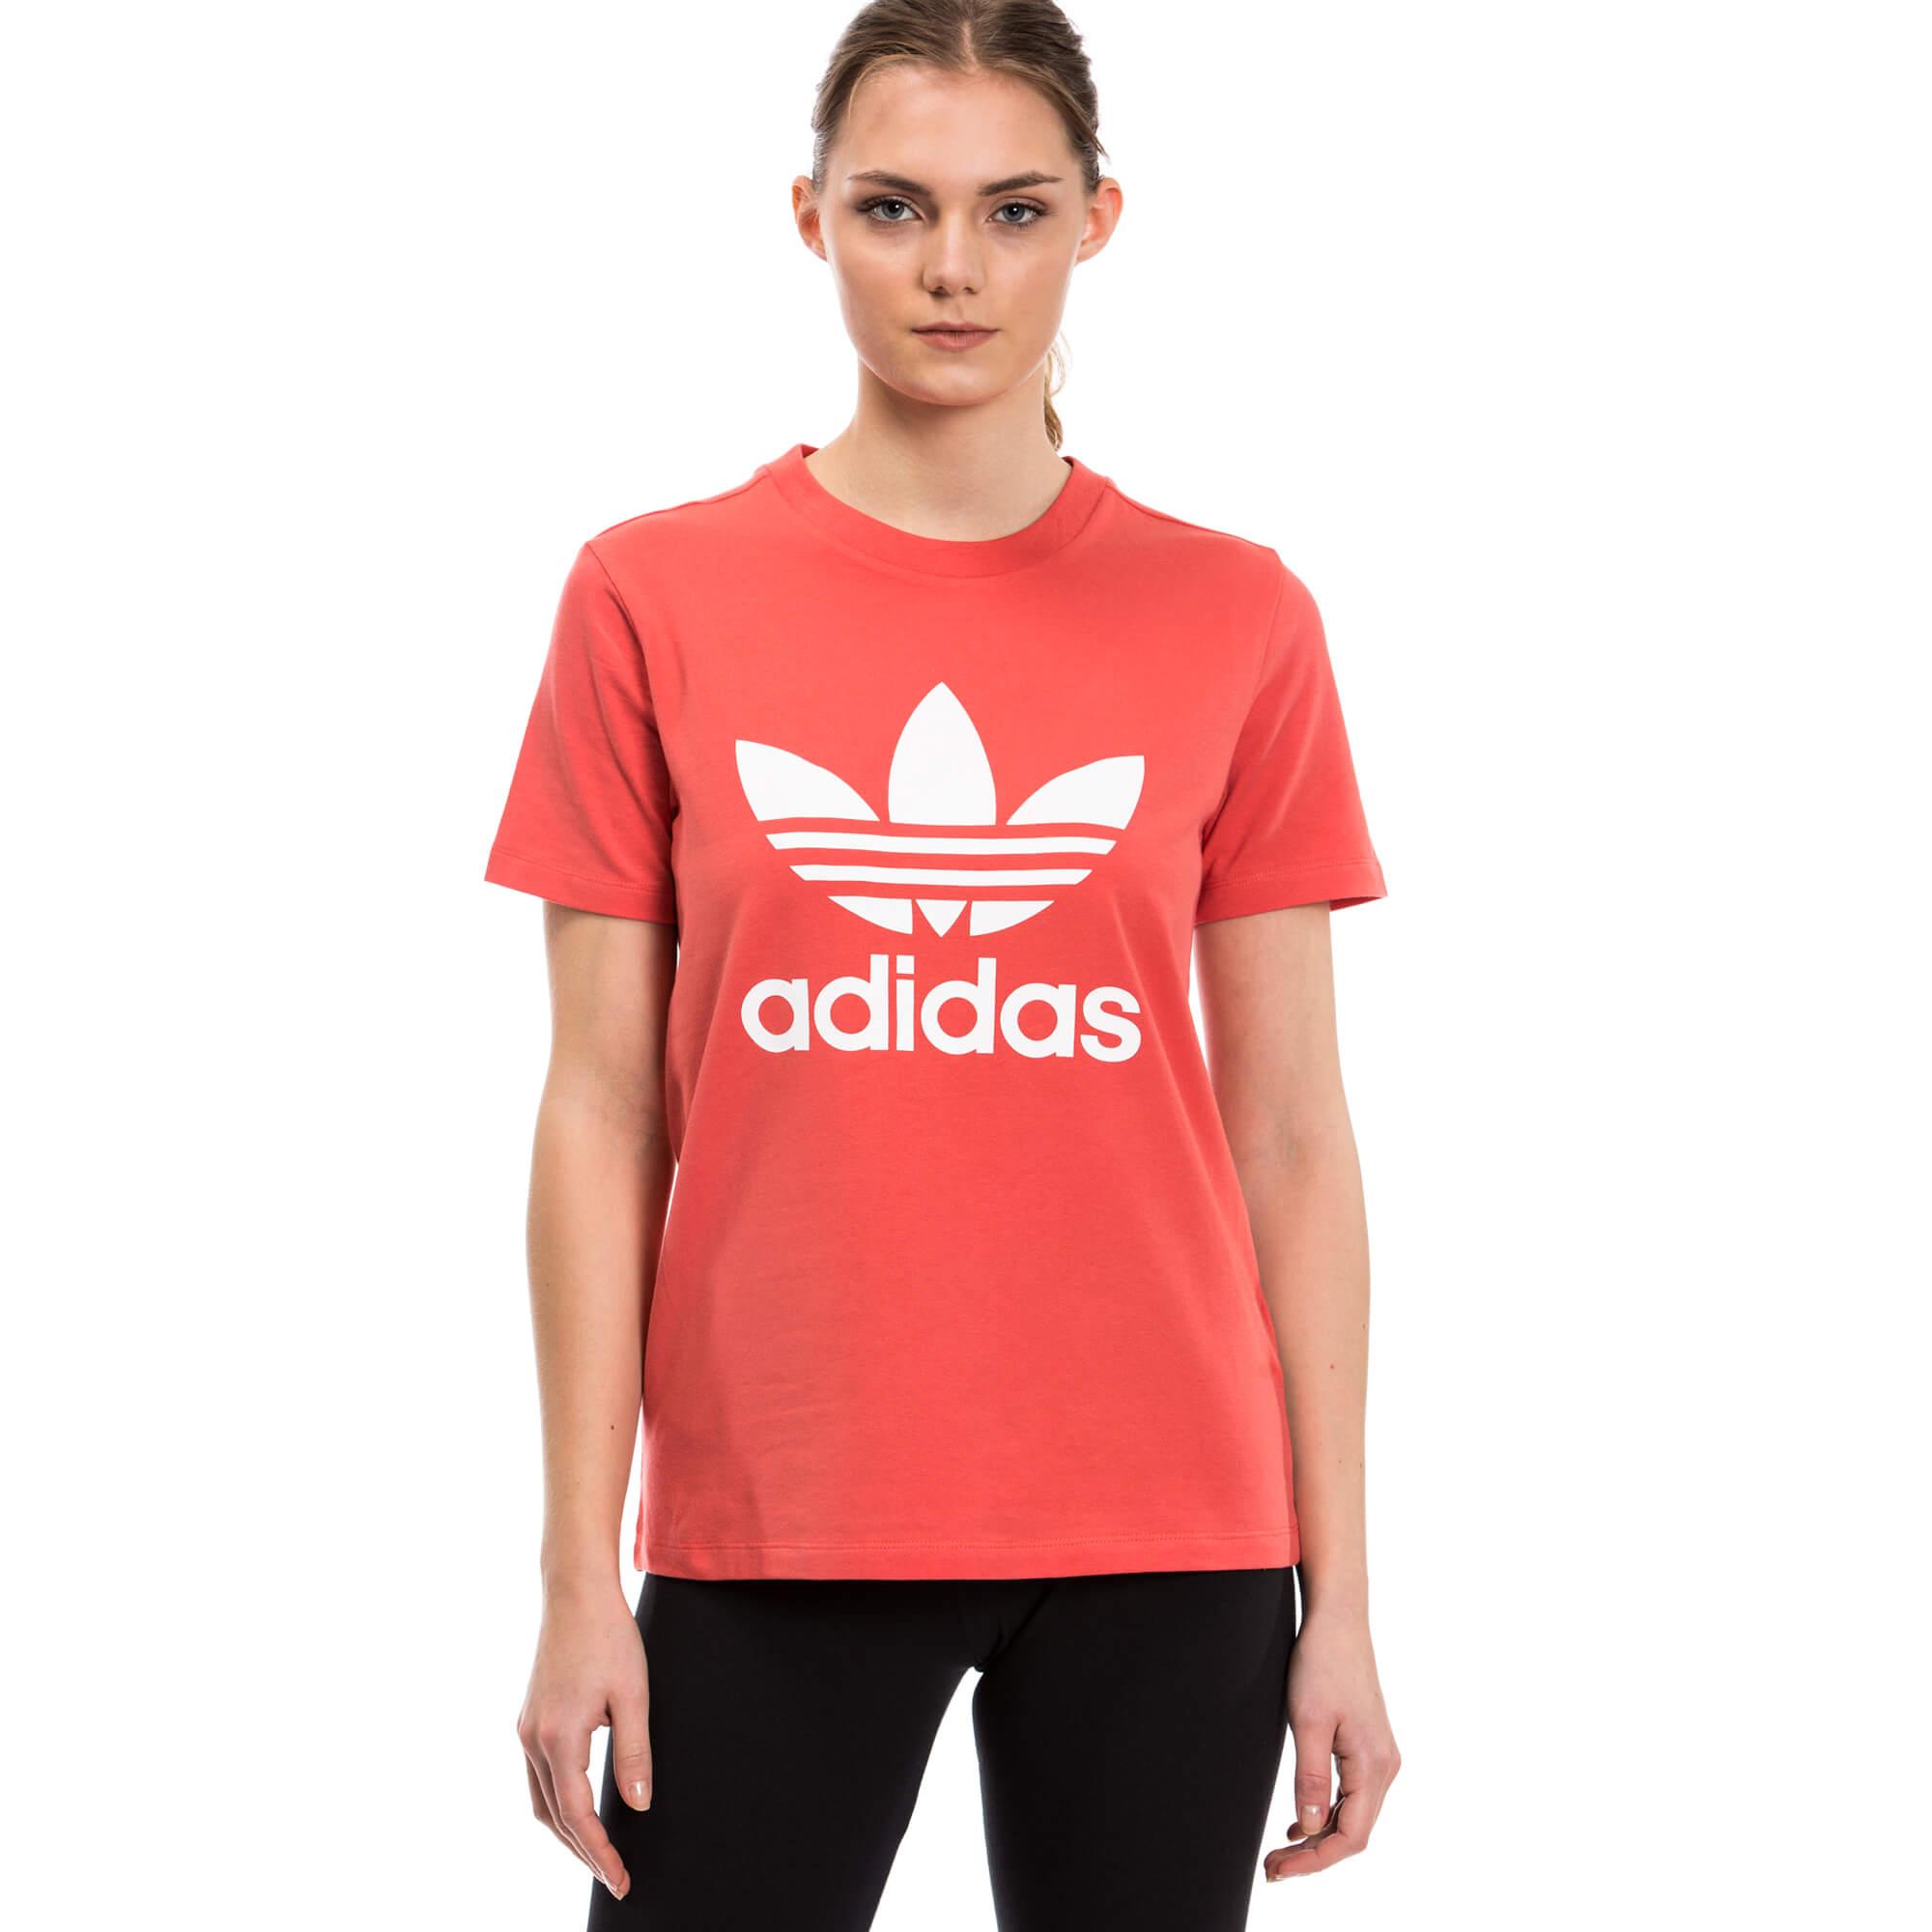 adidas Trefoil Tee Kadın Pembe Tshirt